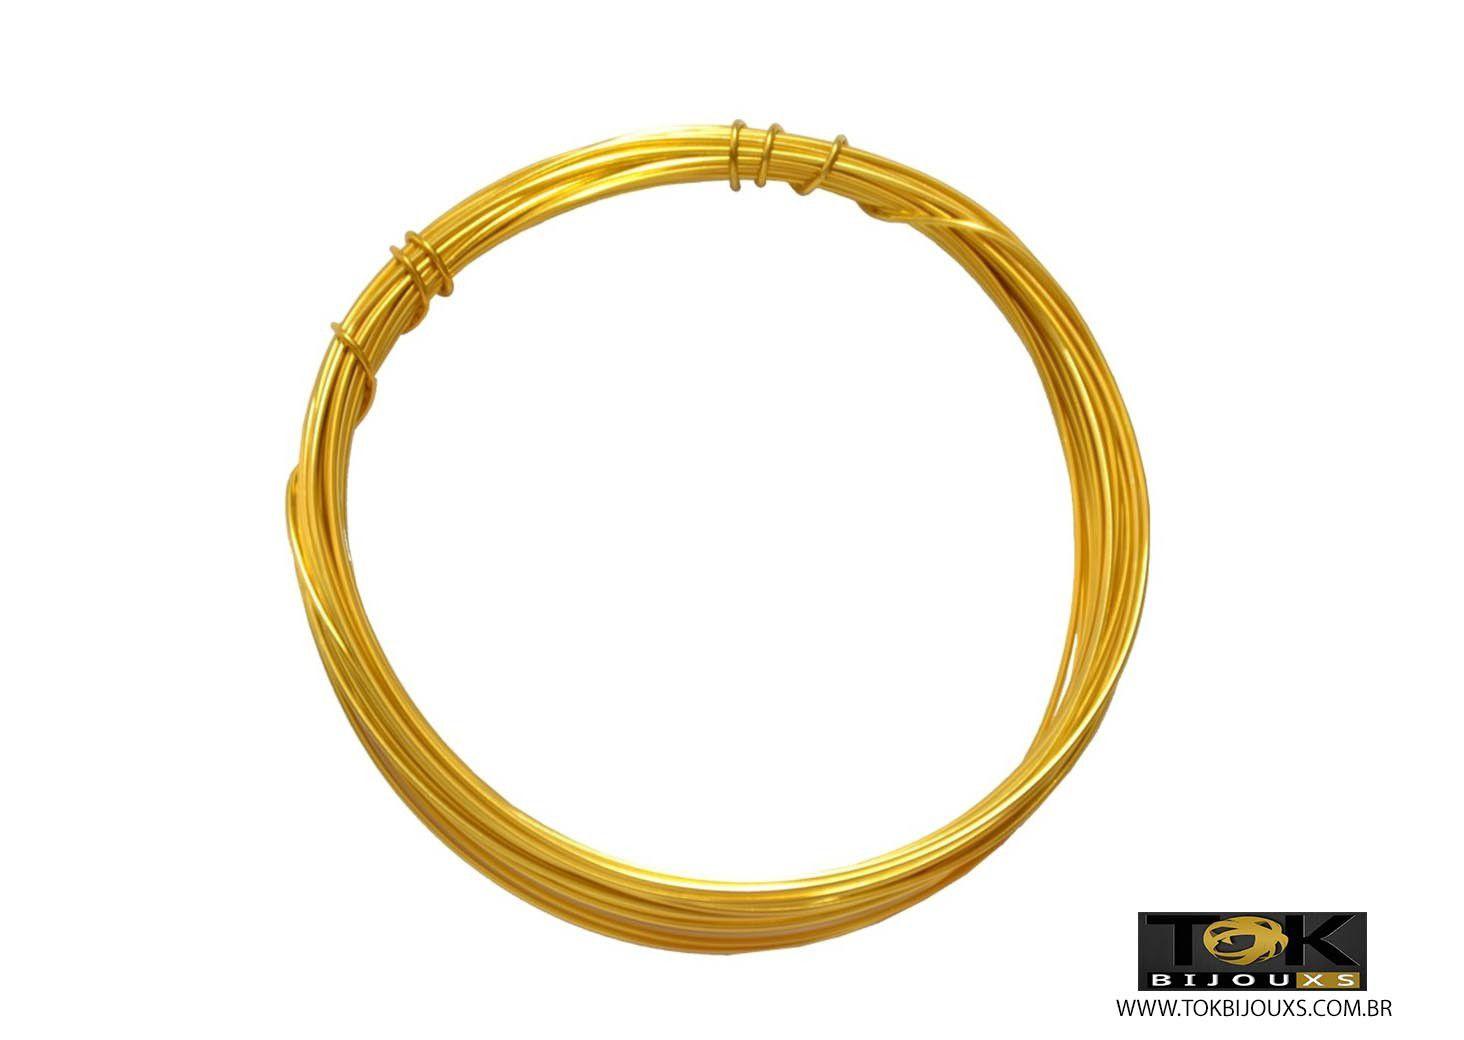 Arame Aluminio Dourado 1,2mm - 500g